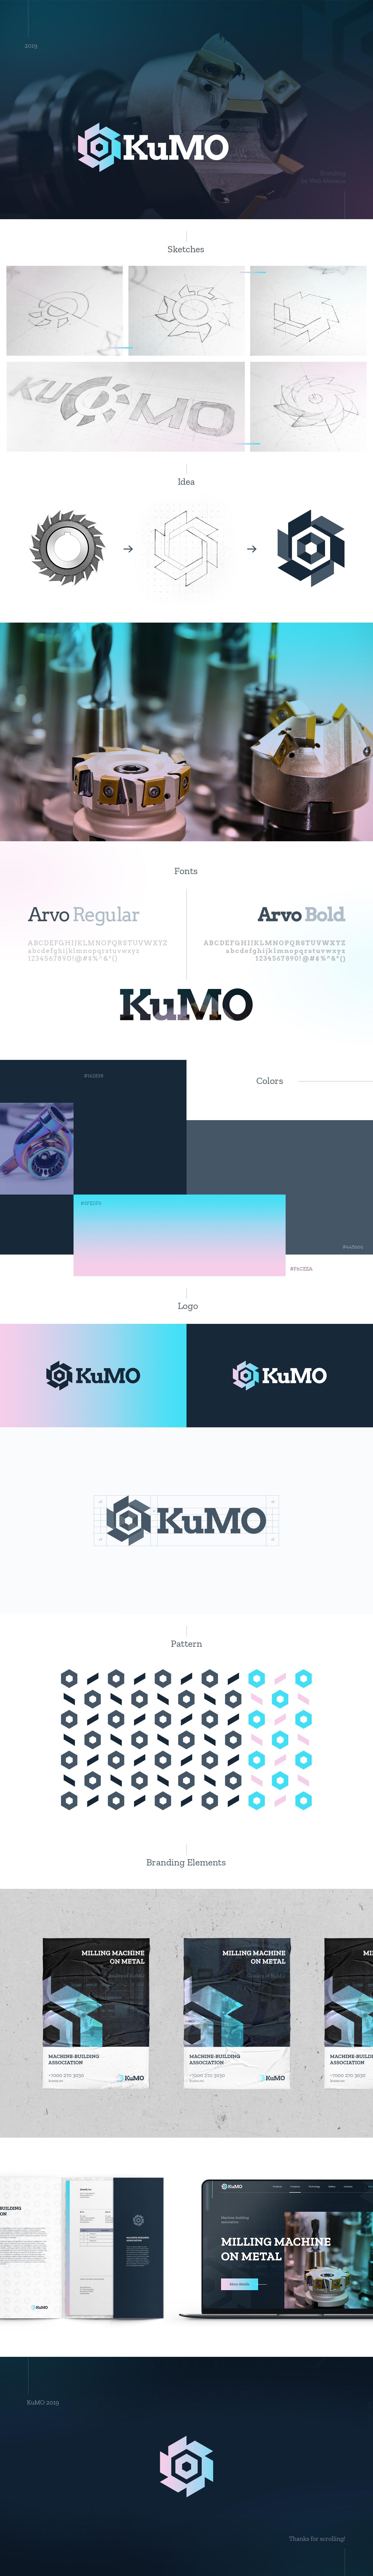 KuMO (Branding)